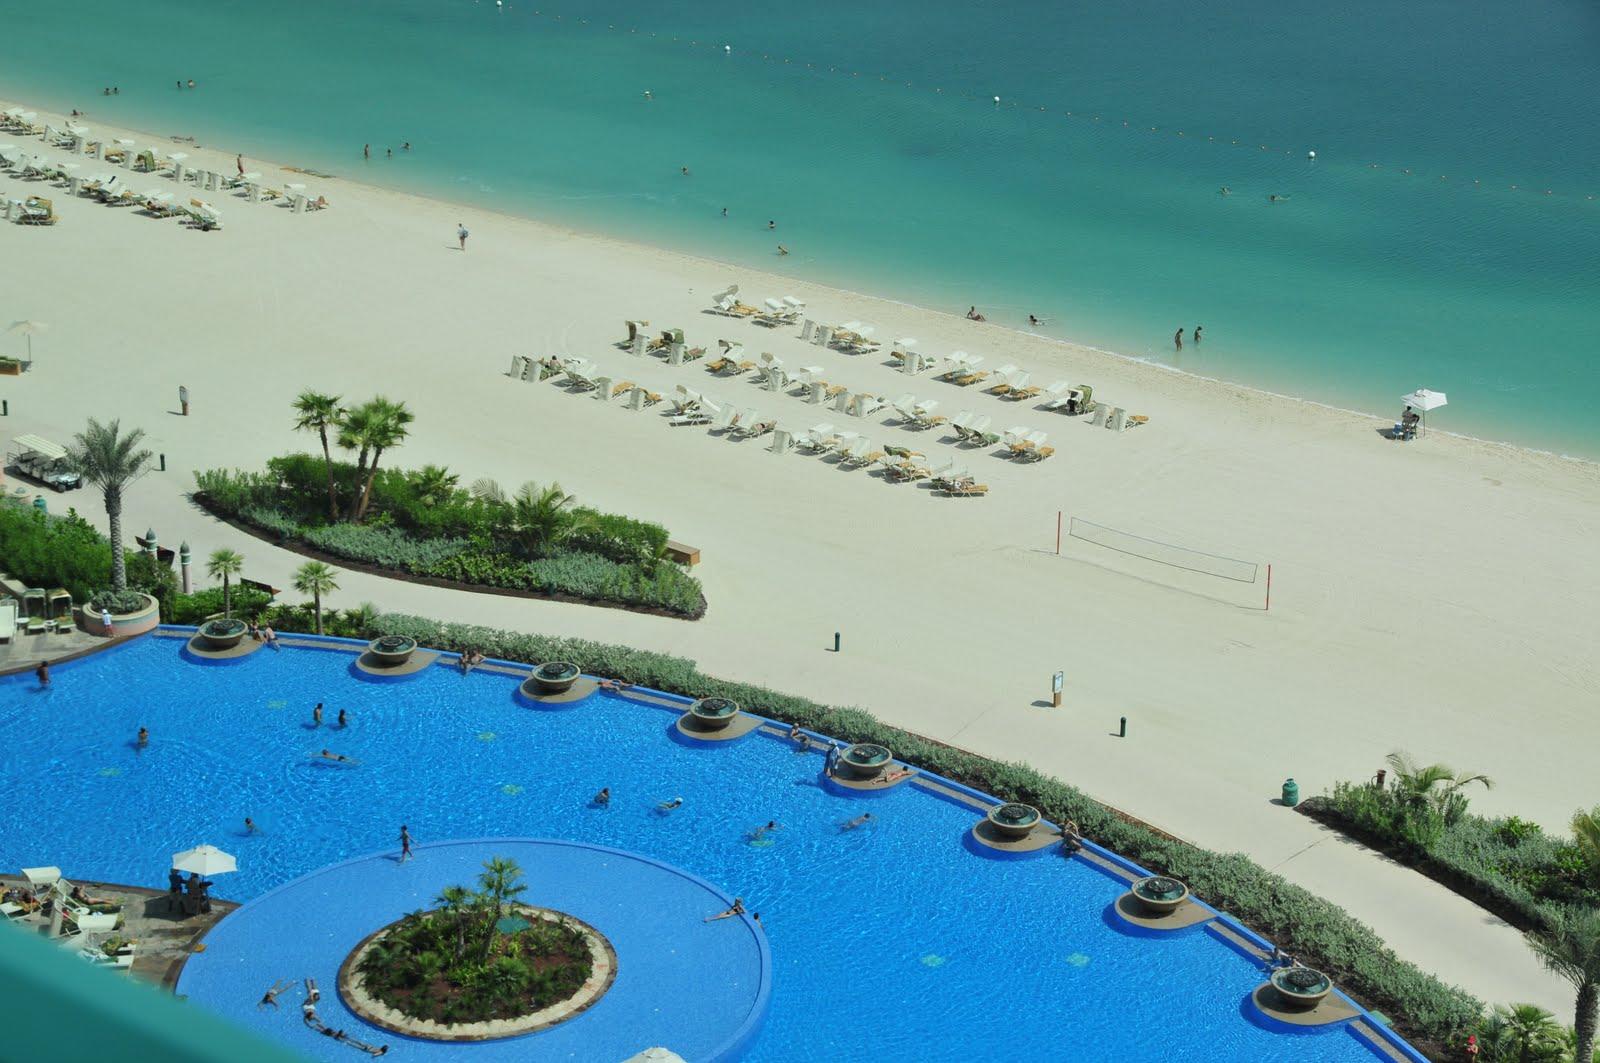 Pz C Hotel Dubai